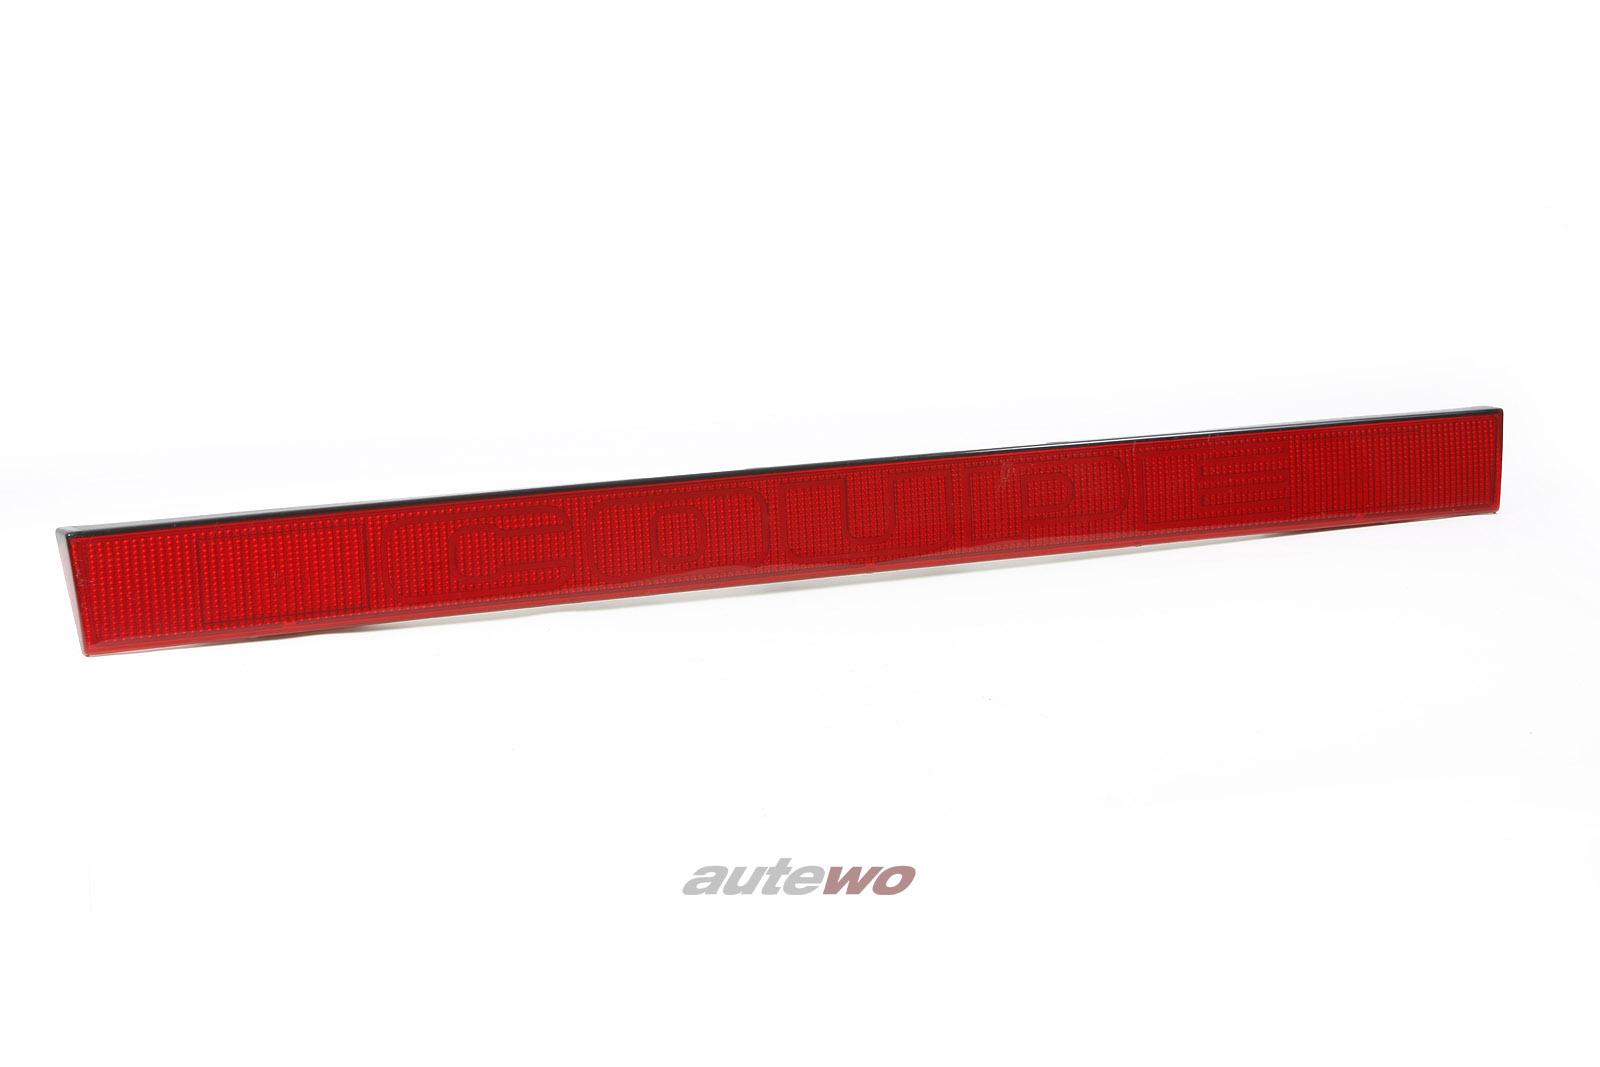 855945697A Audi Coupe Typ 81/85/Urquattro Coupe Rückleuchtenband